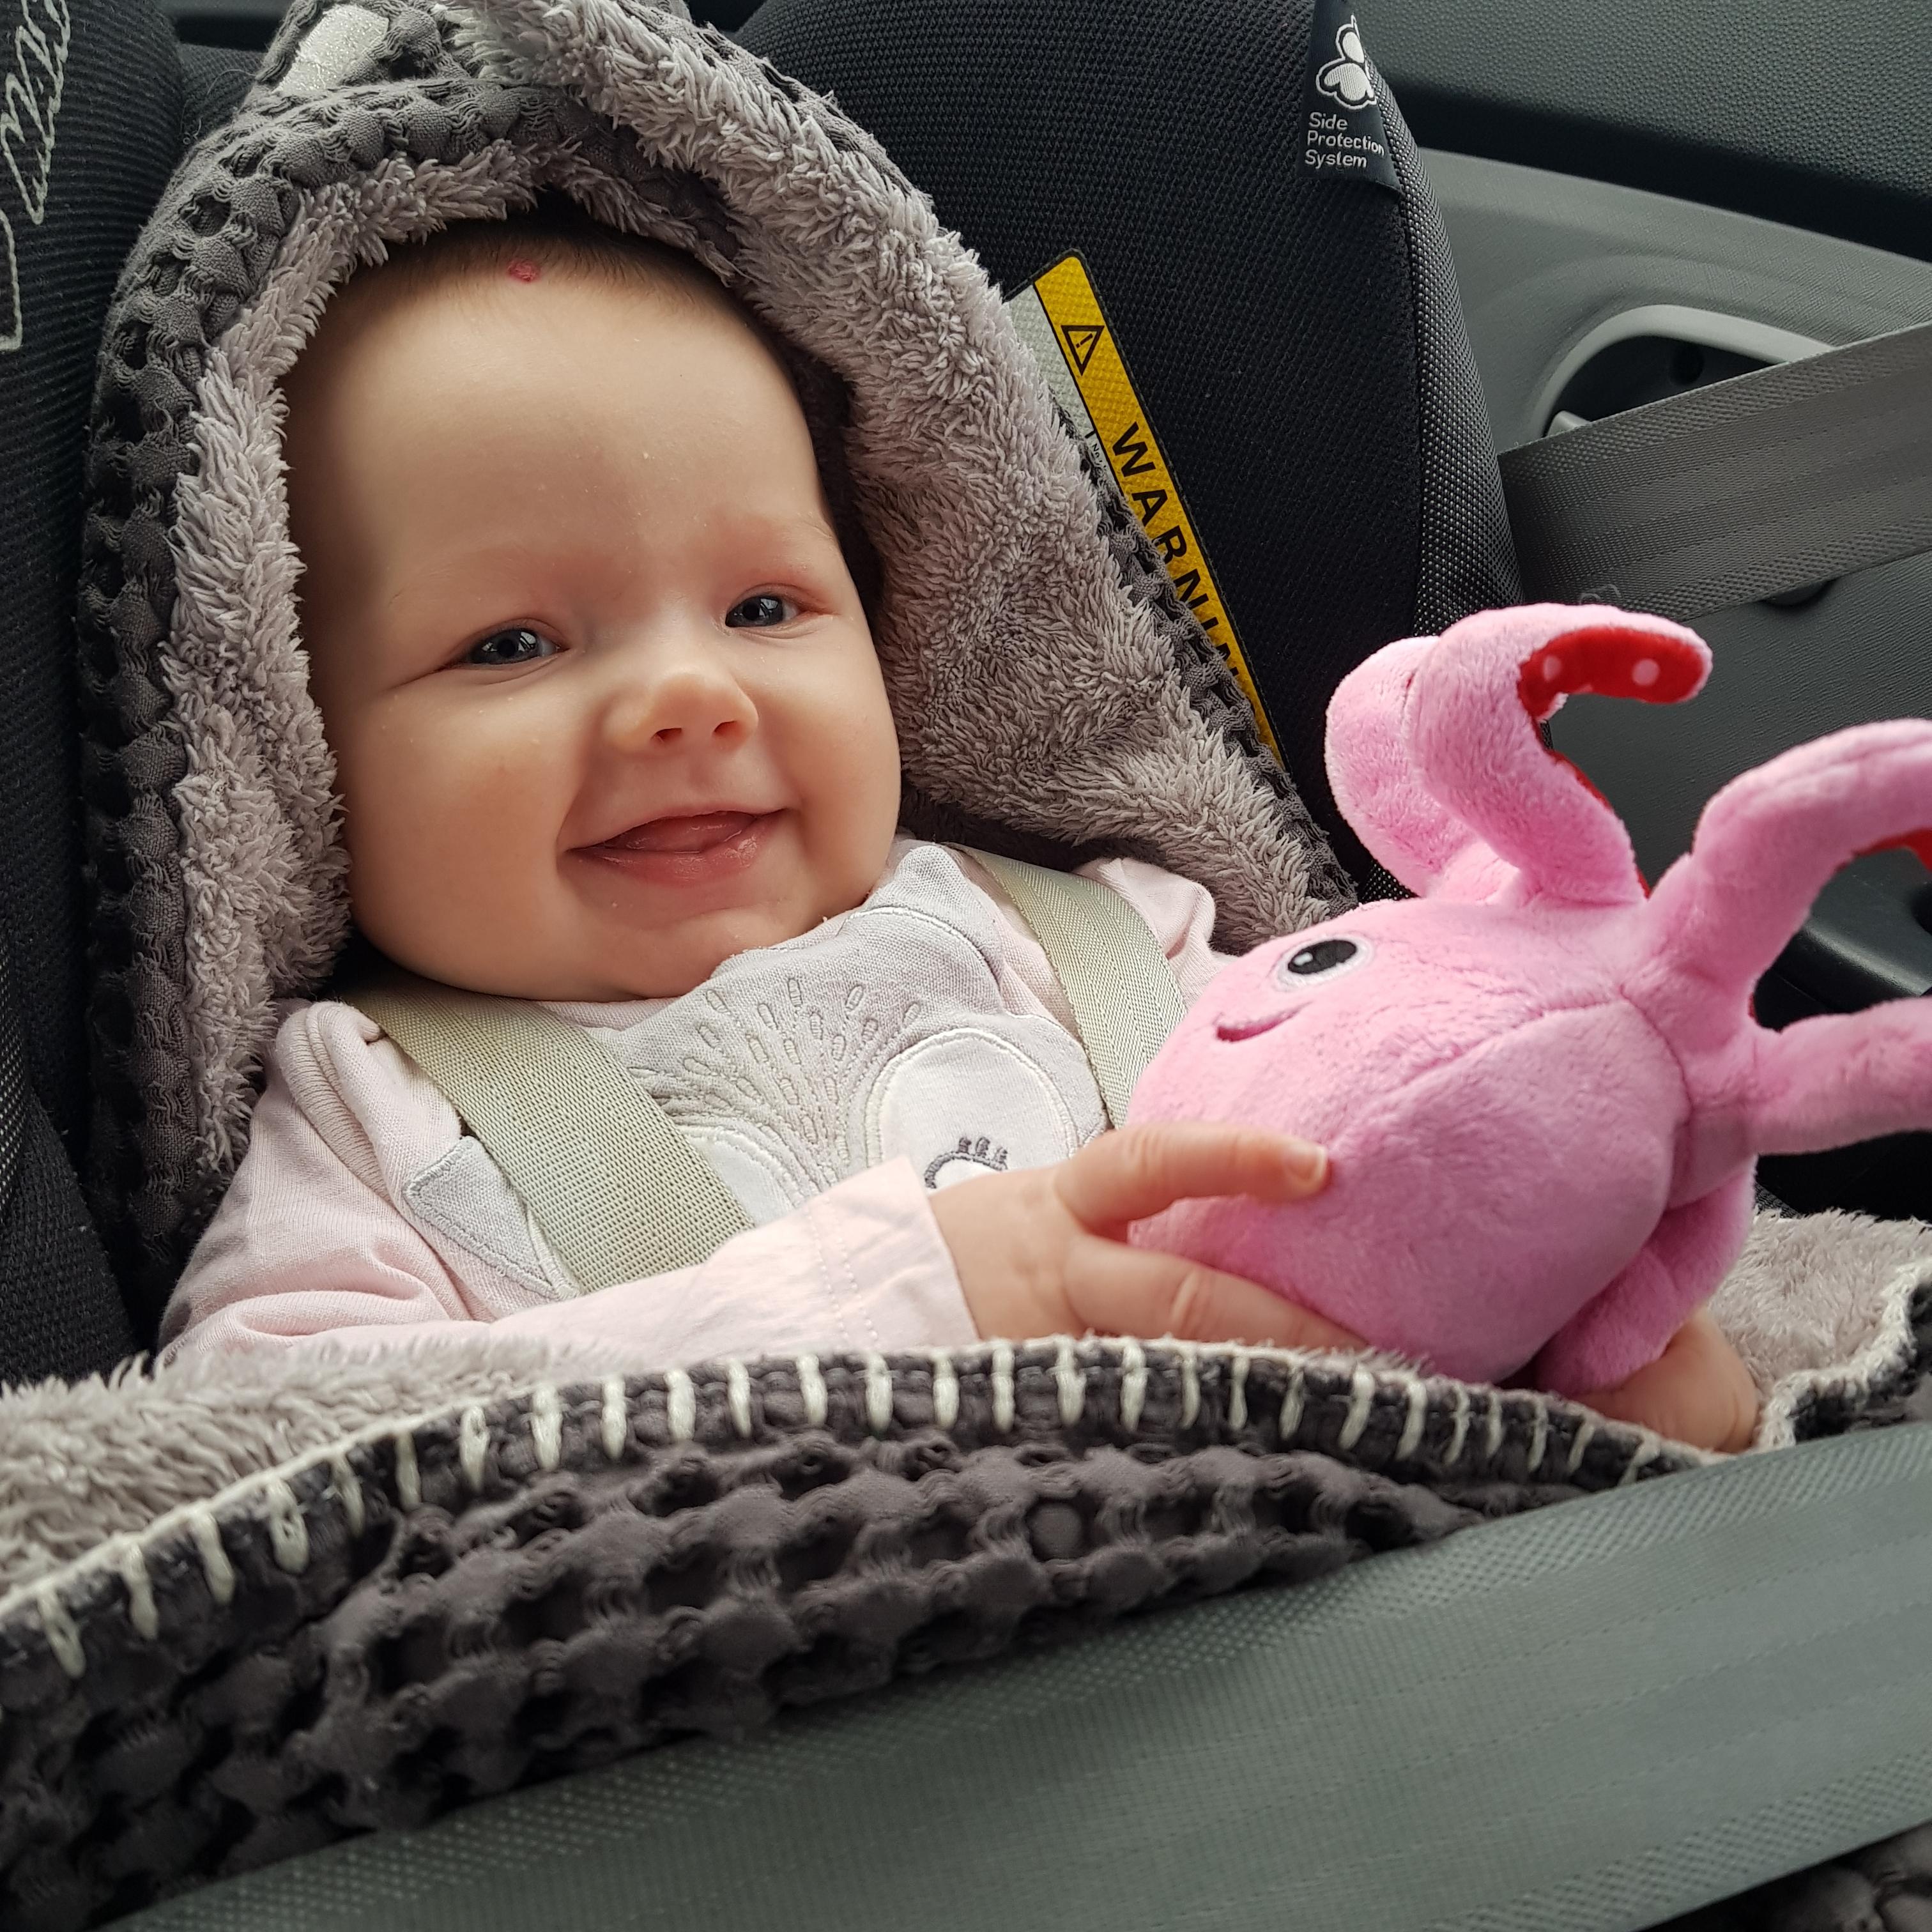 speelgoed, speelgoed baby, baby speelgoed, baby 4 maanden, lezen baby, passief speelgoed, pasief speelgoed, spelen baby,